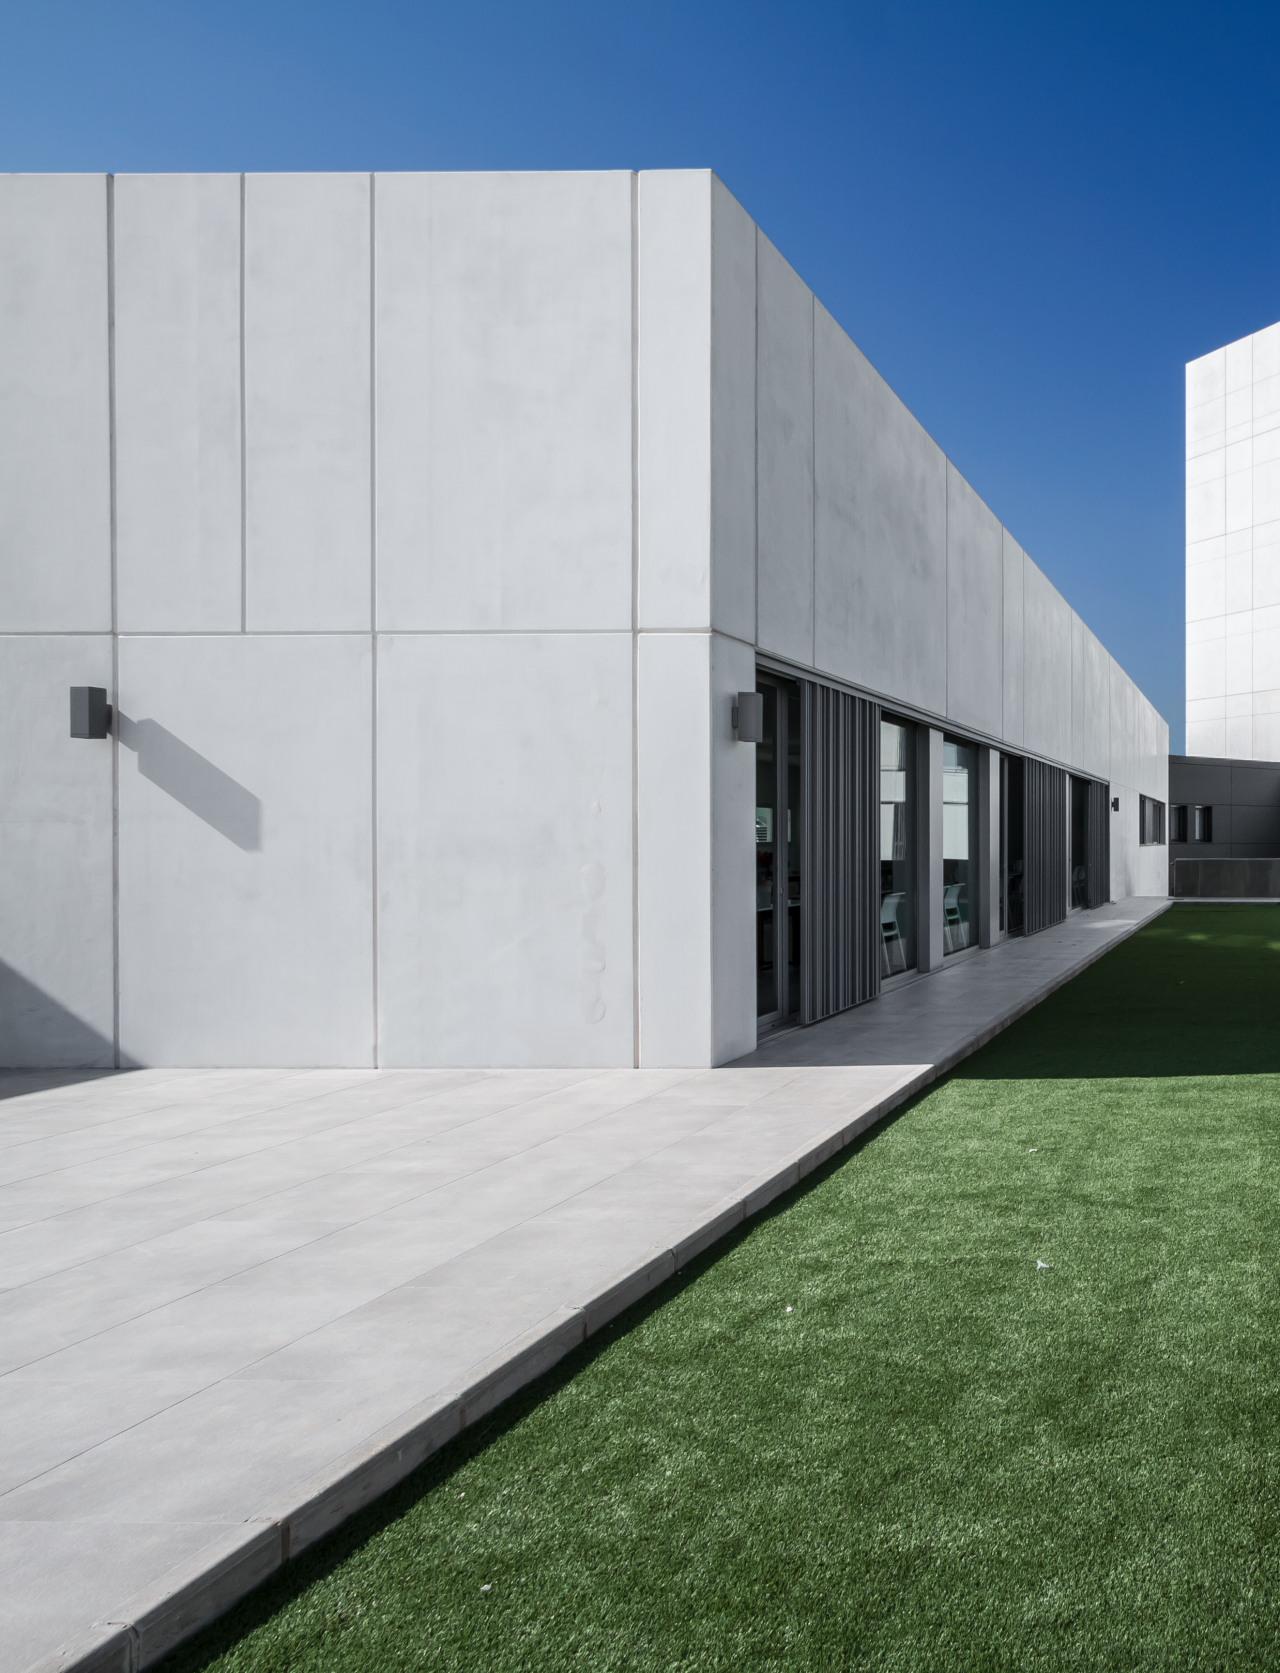 fotografia-arquitectura-valencia-german-cabo-hernandez-monasterio (6)